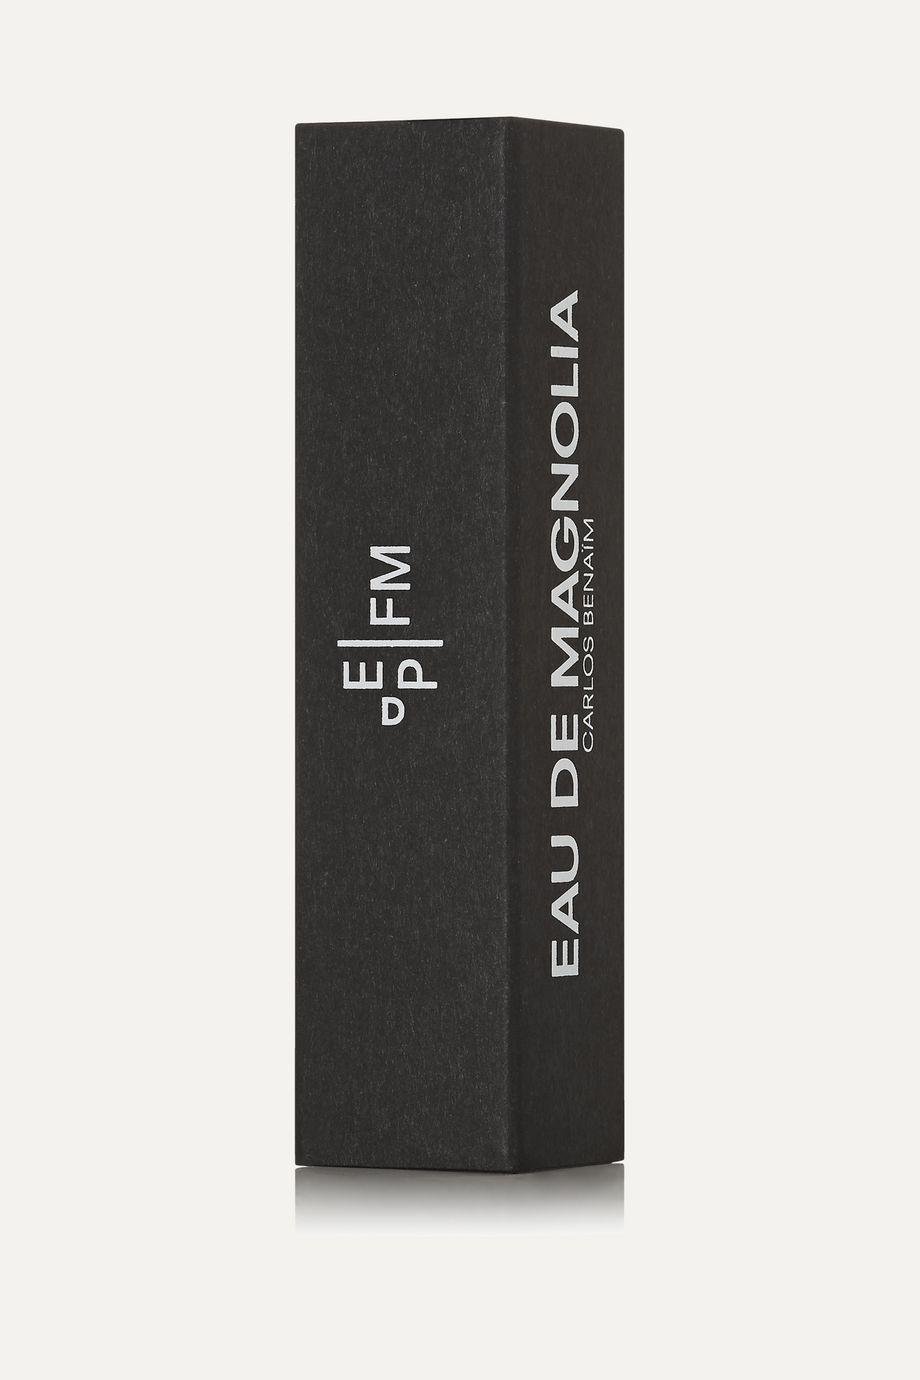 Frederic Malle Eau de Magnolia – Immergrüne Magnolie & Haitianischer Vetiver, 10 ml – Eau de Toilette